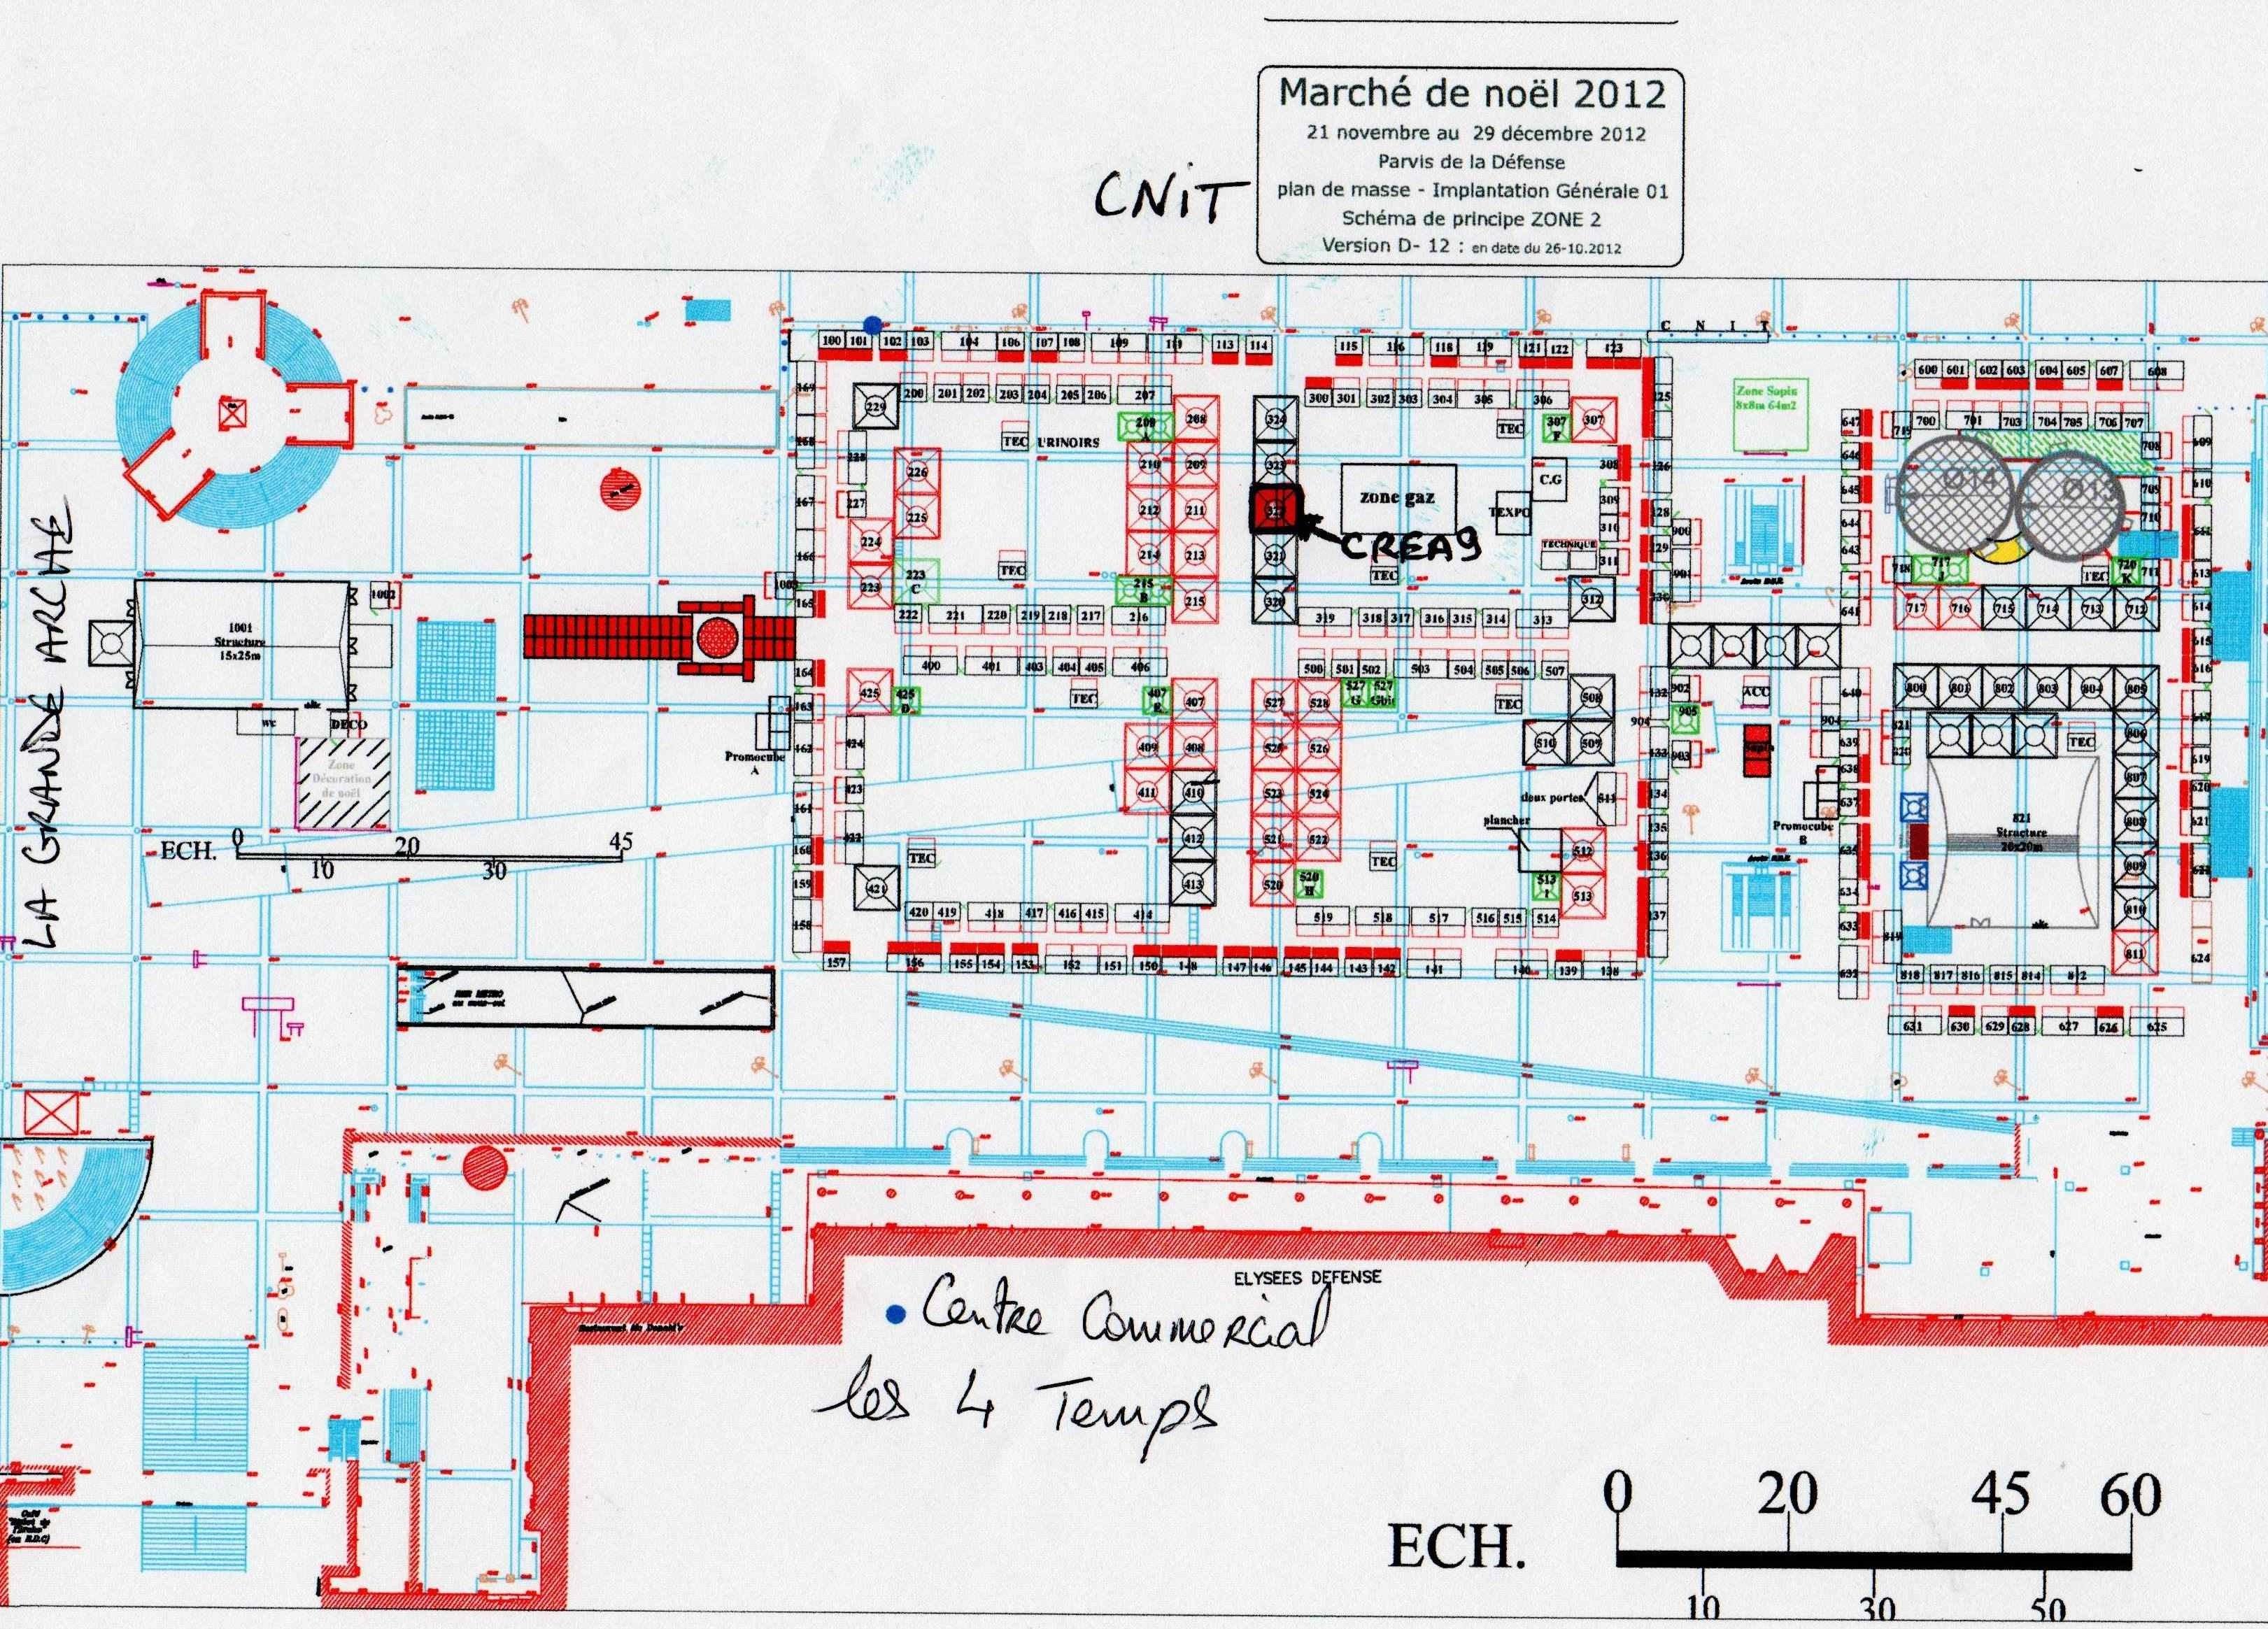 Crea9 plan marche noel defense crea9 - Marche de noel paris defense ...